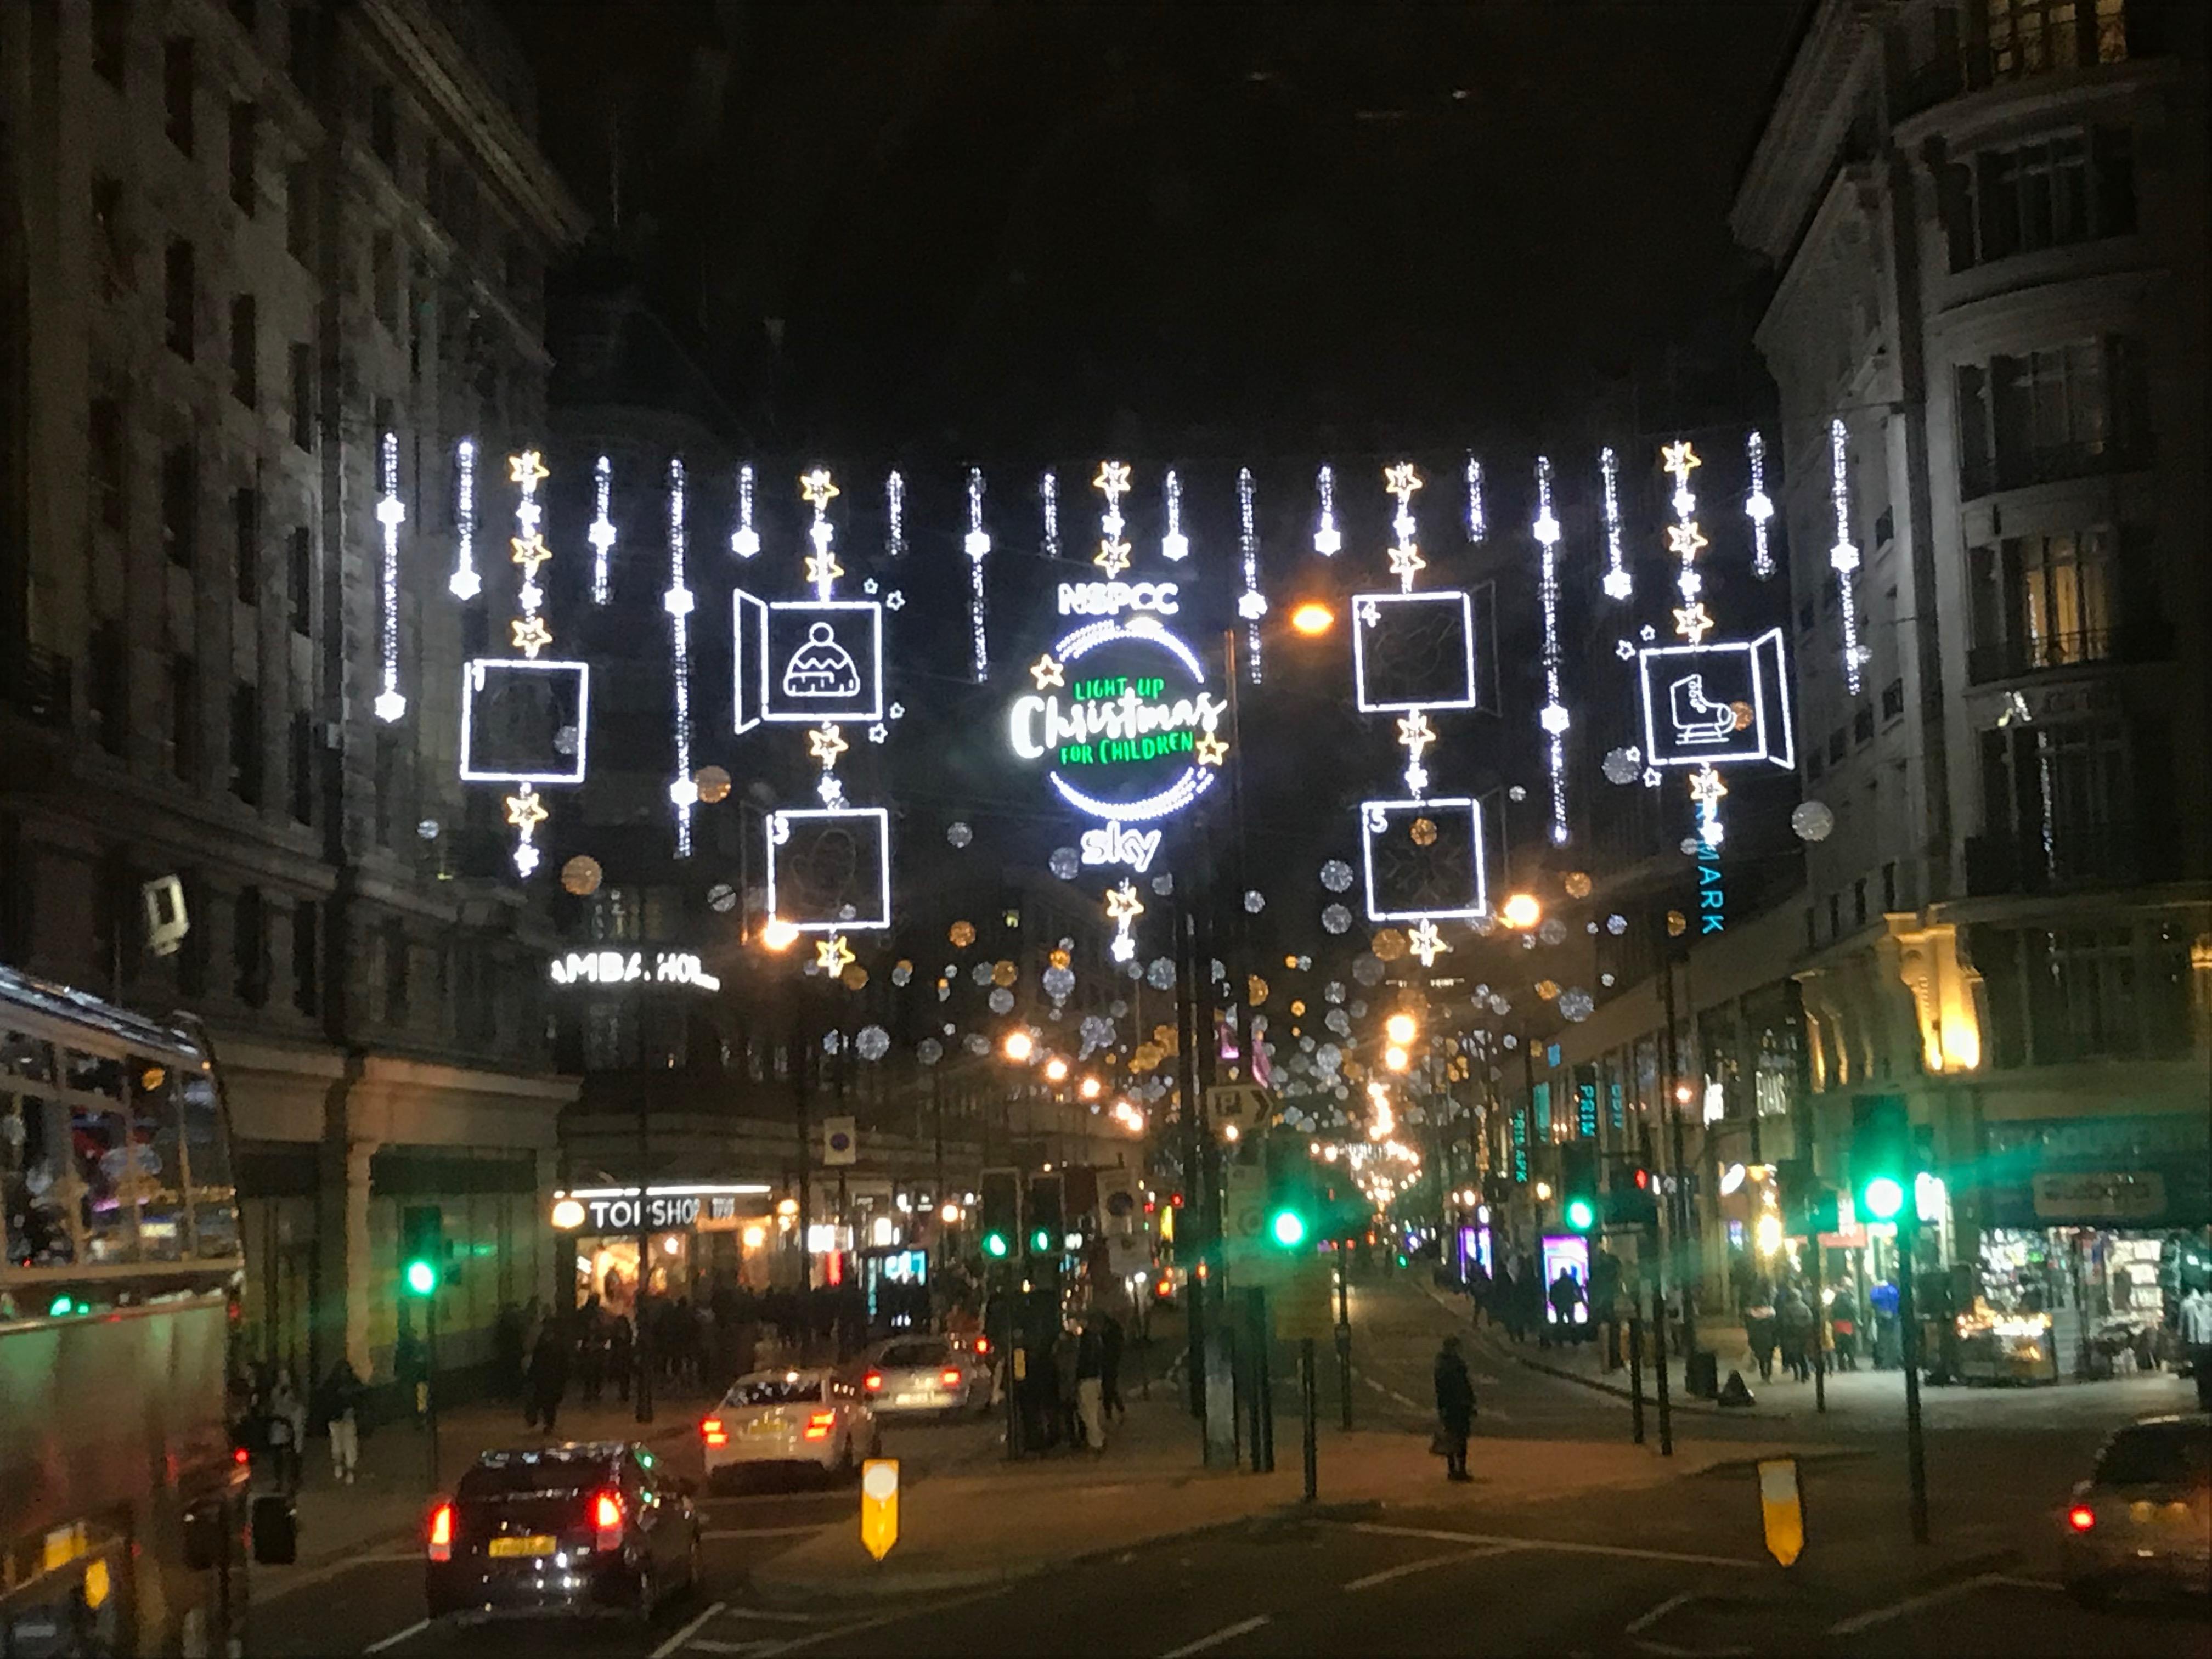 Londonのイルミネーション